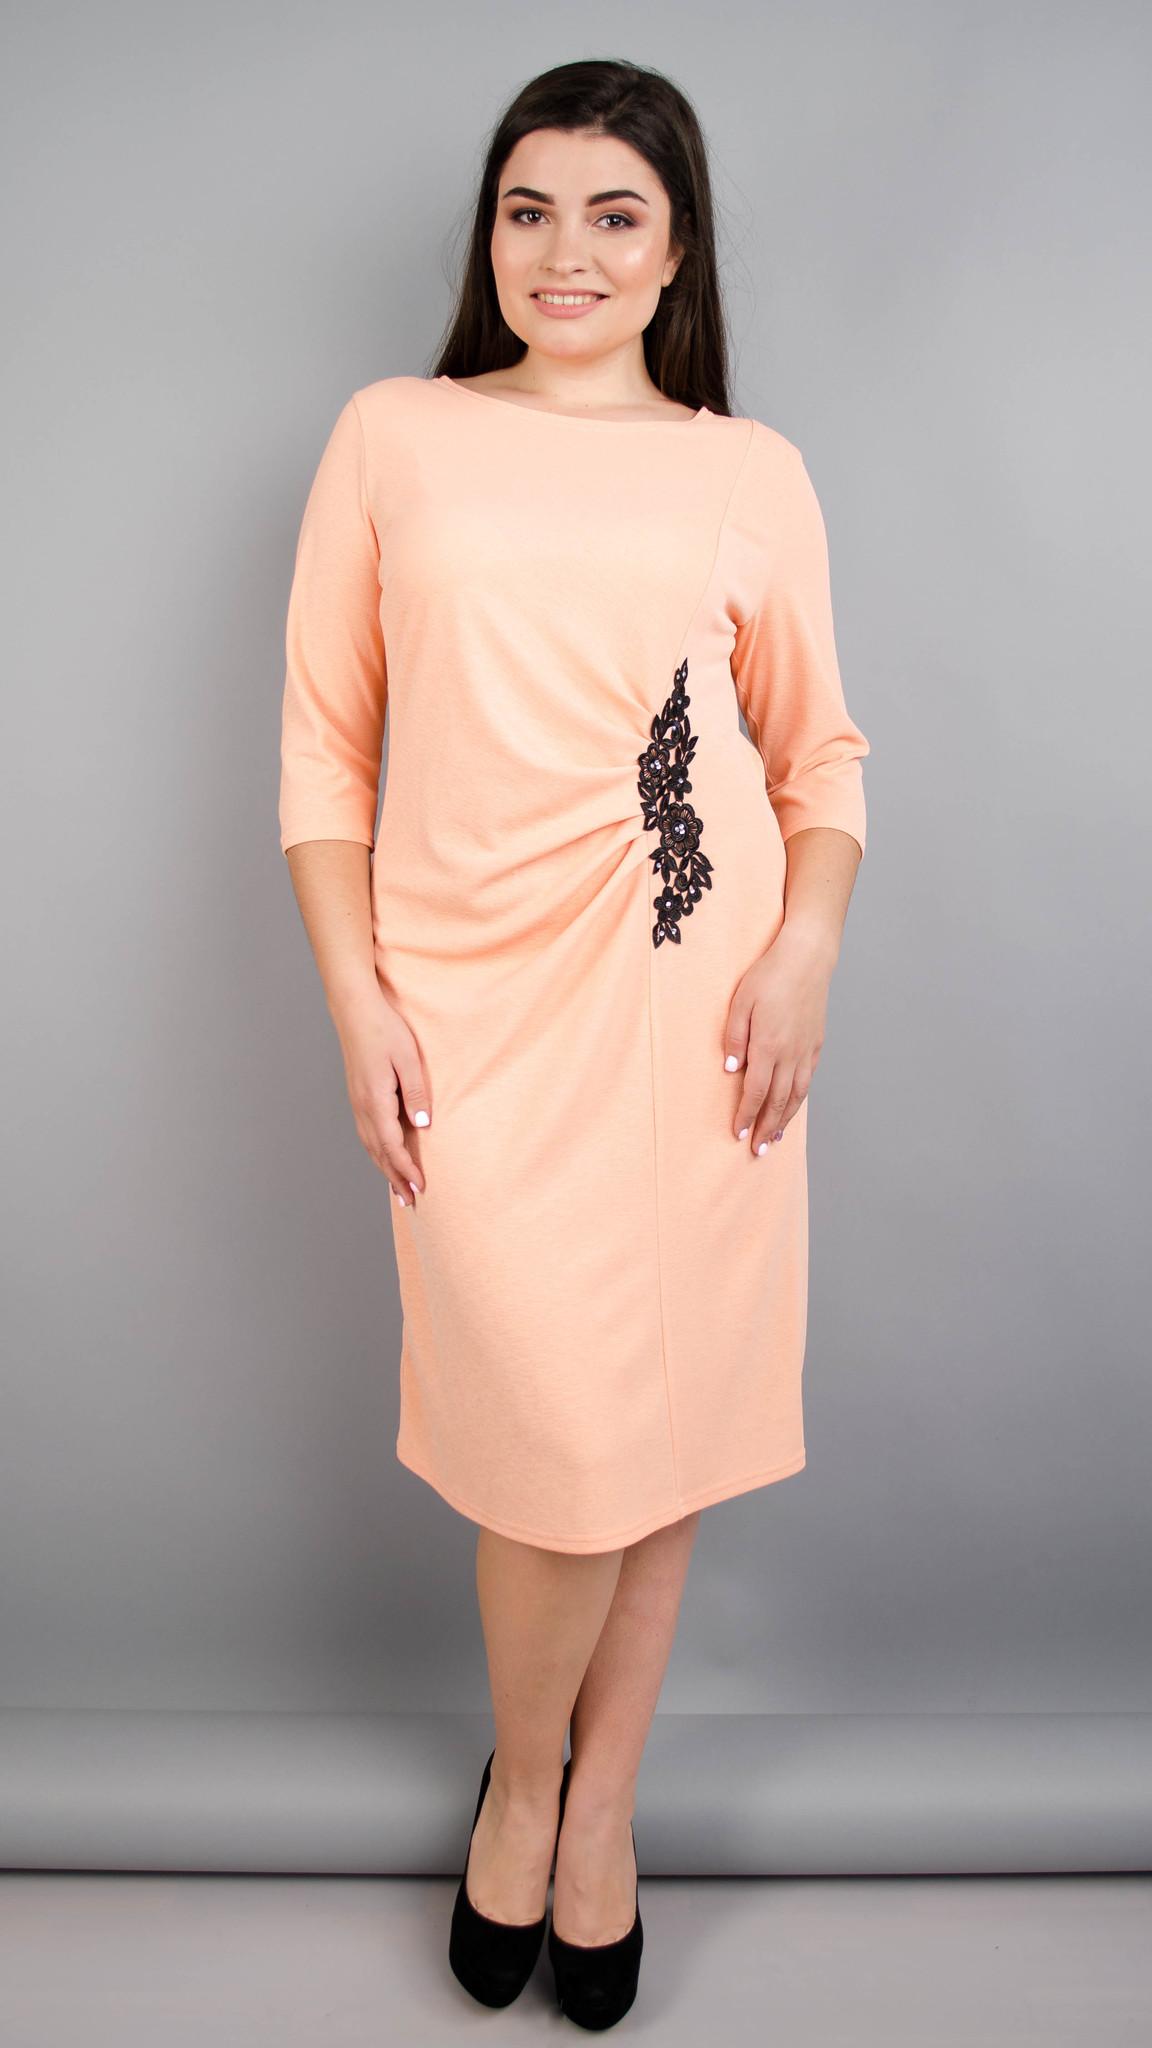 Тейлор. Гарна жіноча сукня плюс сайз. Персик.